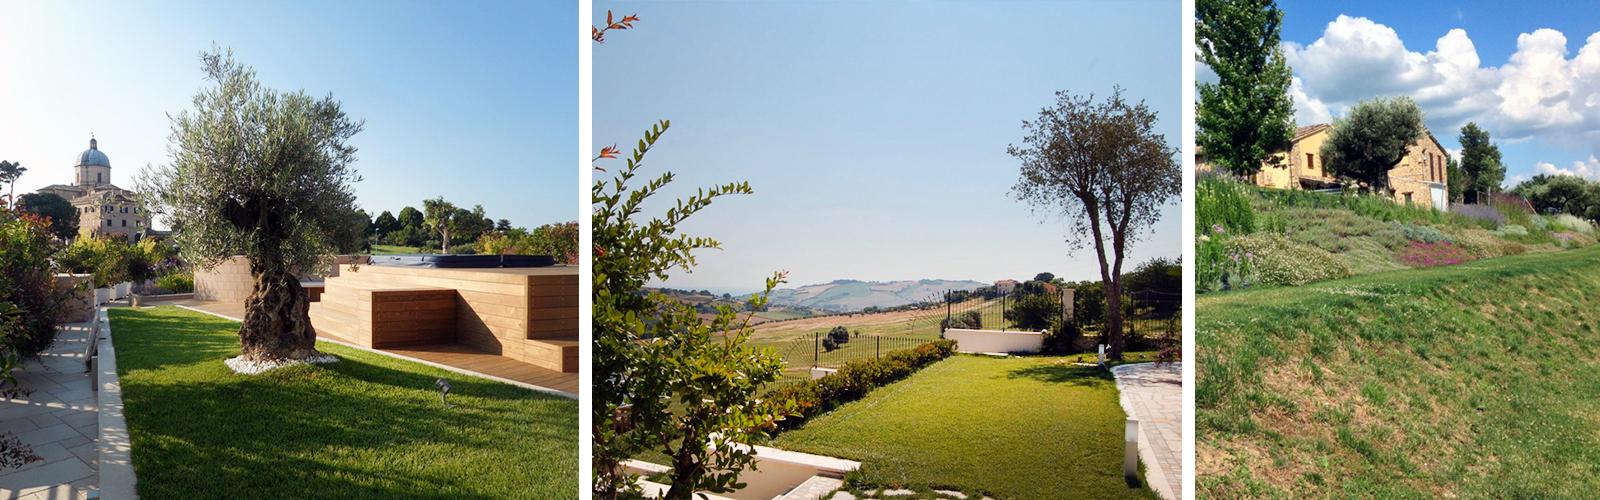 Progettazione giardini come creare un perfetto spazio verde for Corso progettazione giardini